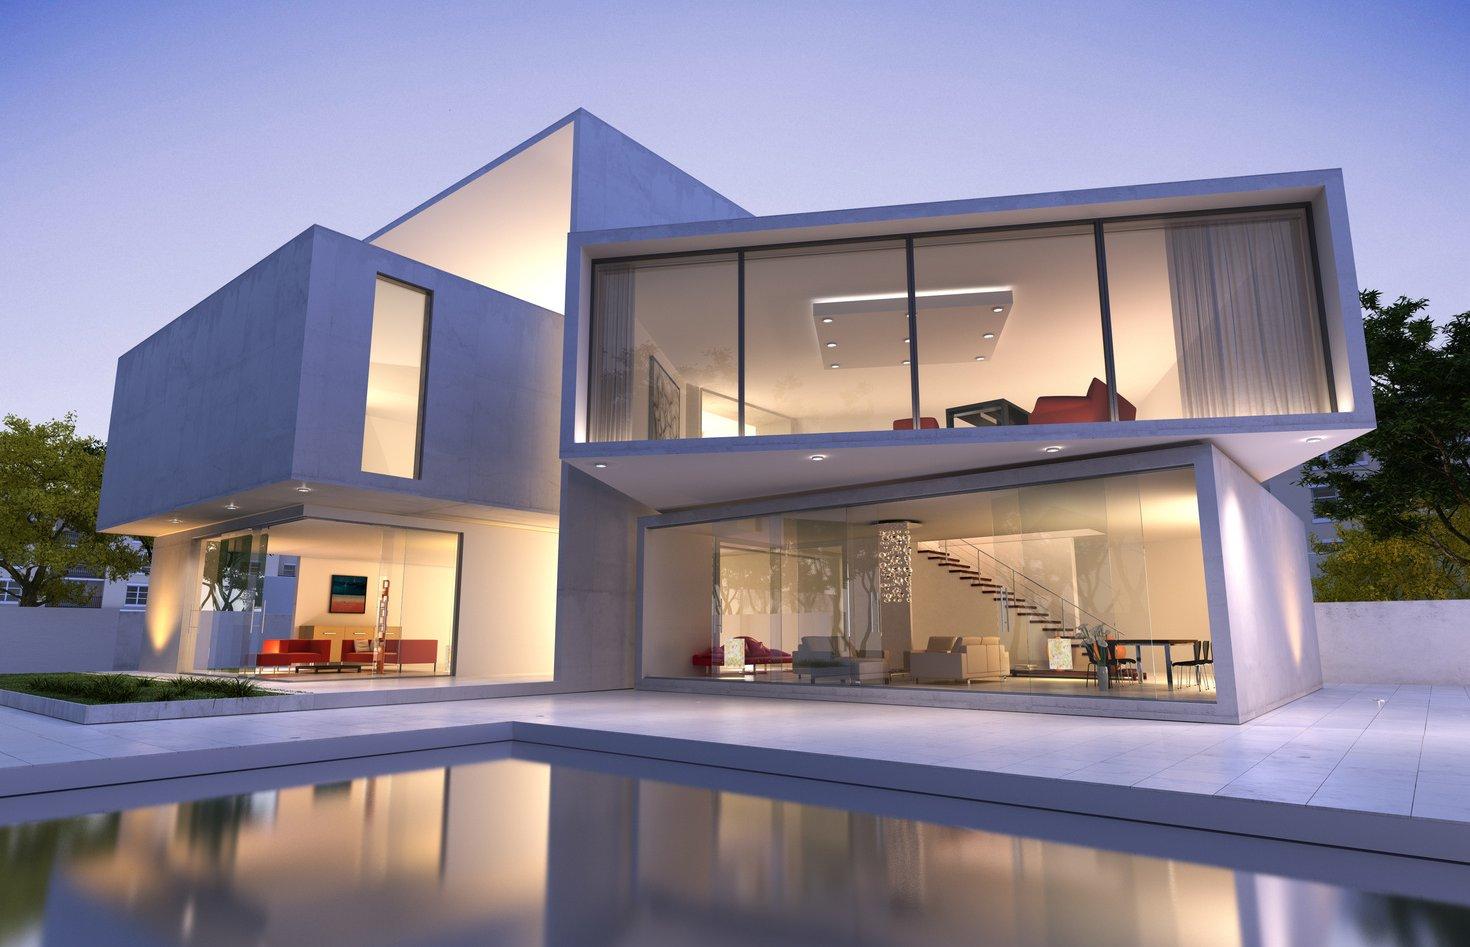 Weißflog Immobilien - Startseite size: 1470 x 947 post ID: 9 File size: 0 B